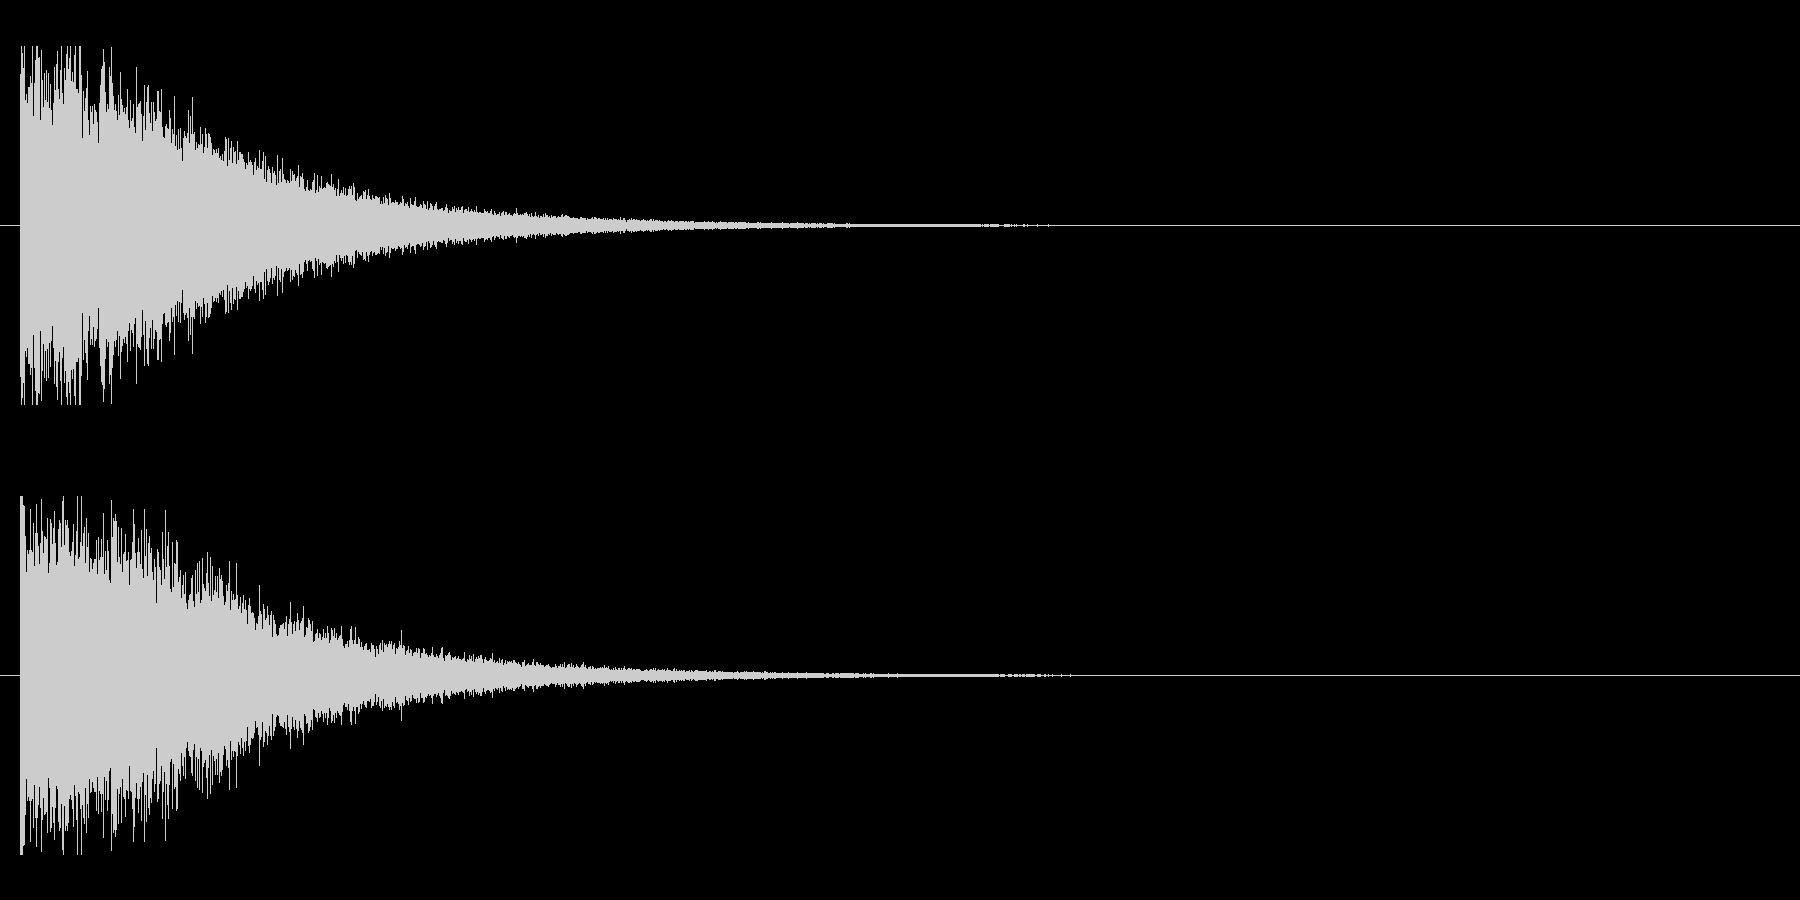 レーザー音-147-2の未再生の波形